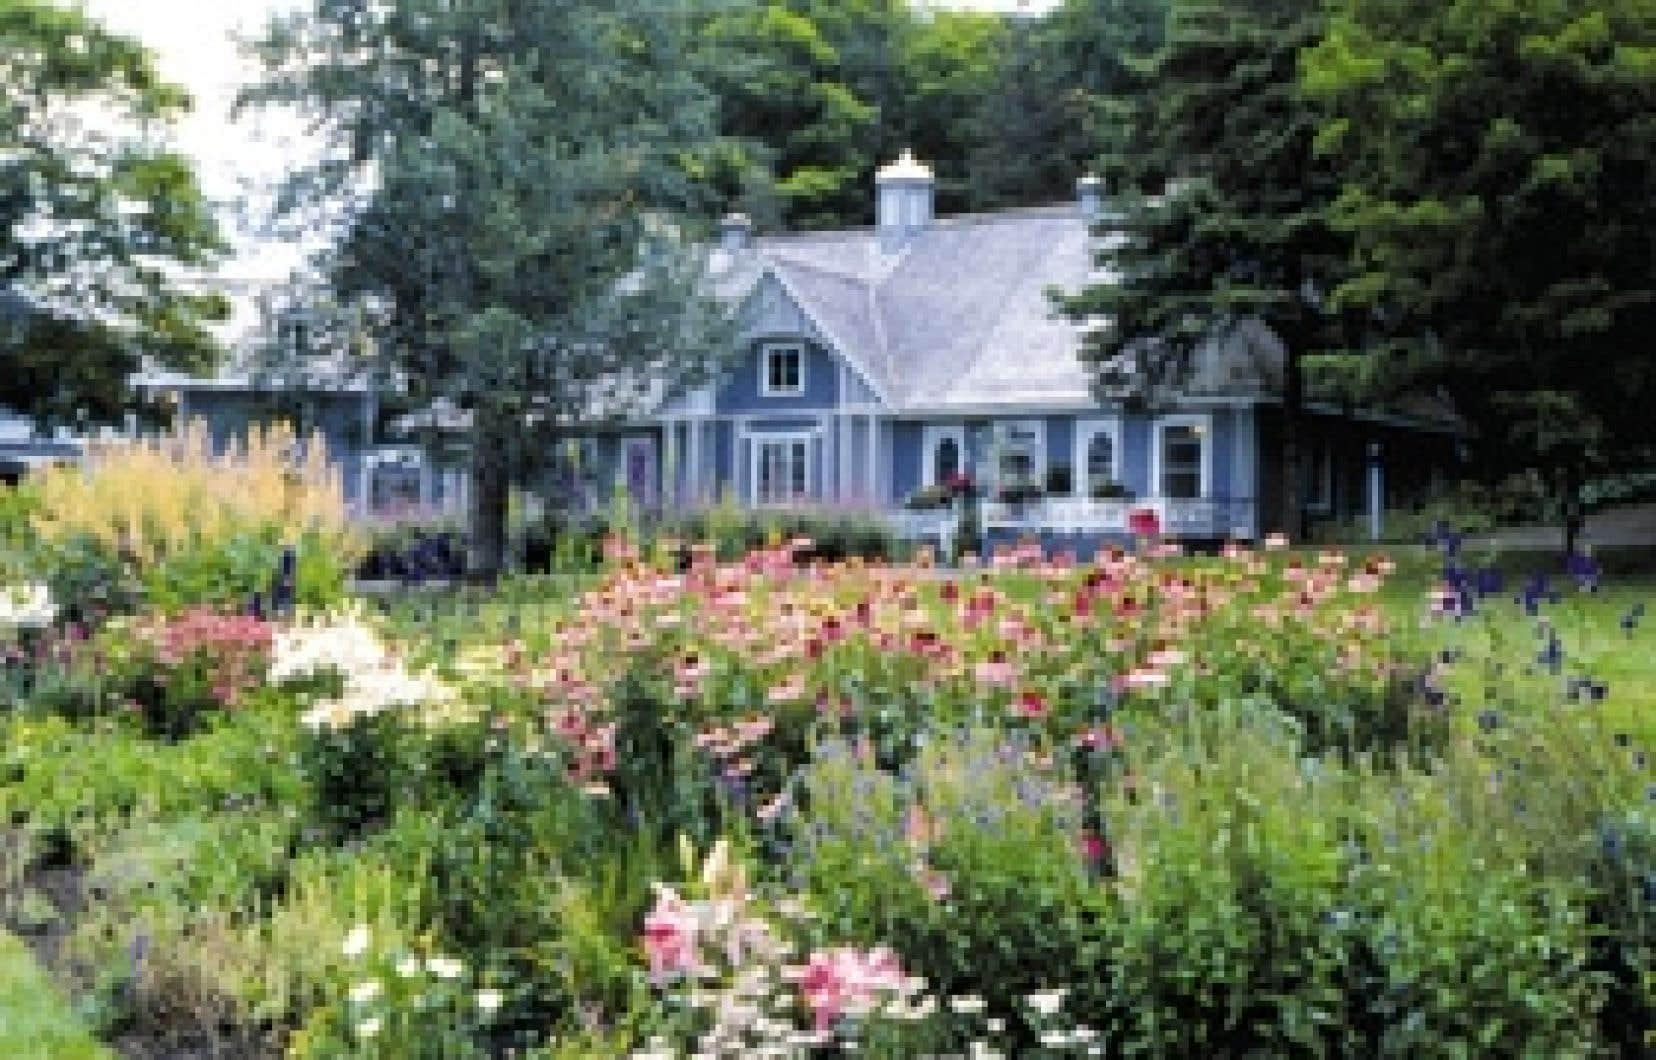 Le Domaine Joly-De Lotbinière. Les allées sinueuses, les petits kiosques, les jardins rustiques et la galerie autour du manoir s'inspirent du mouvement romantique.